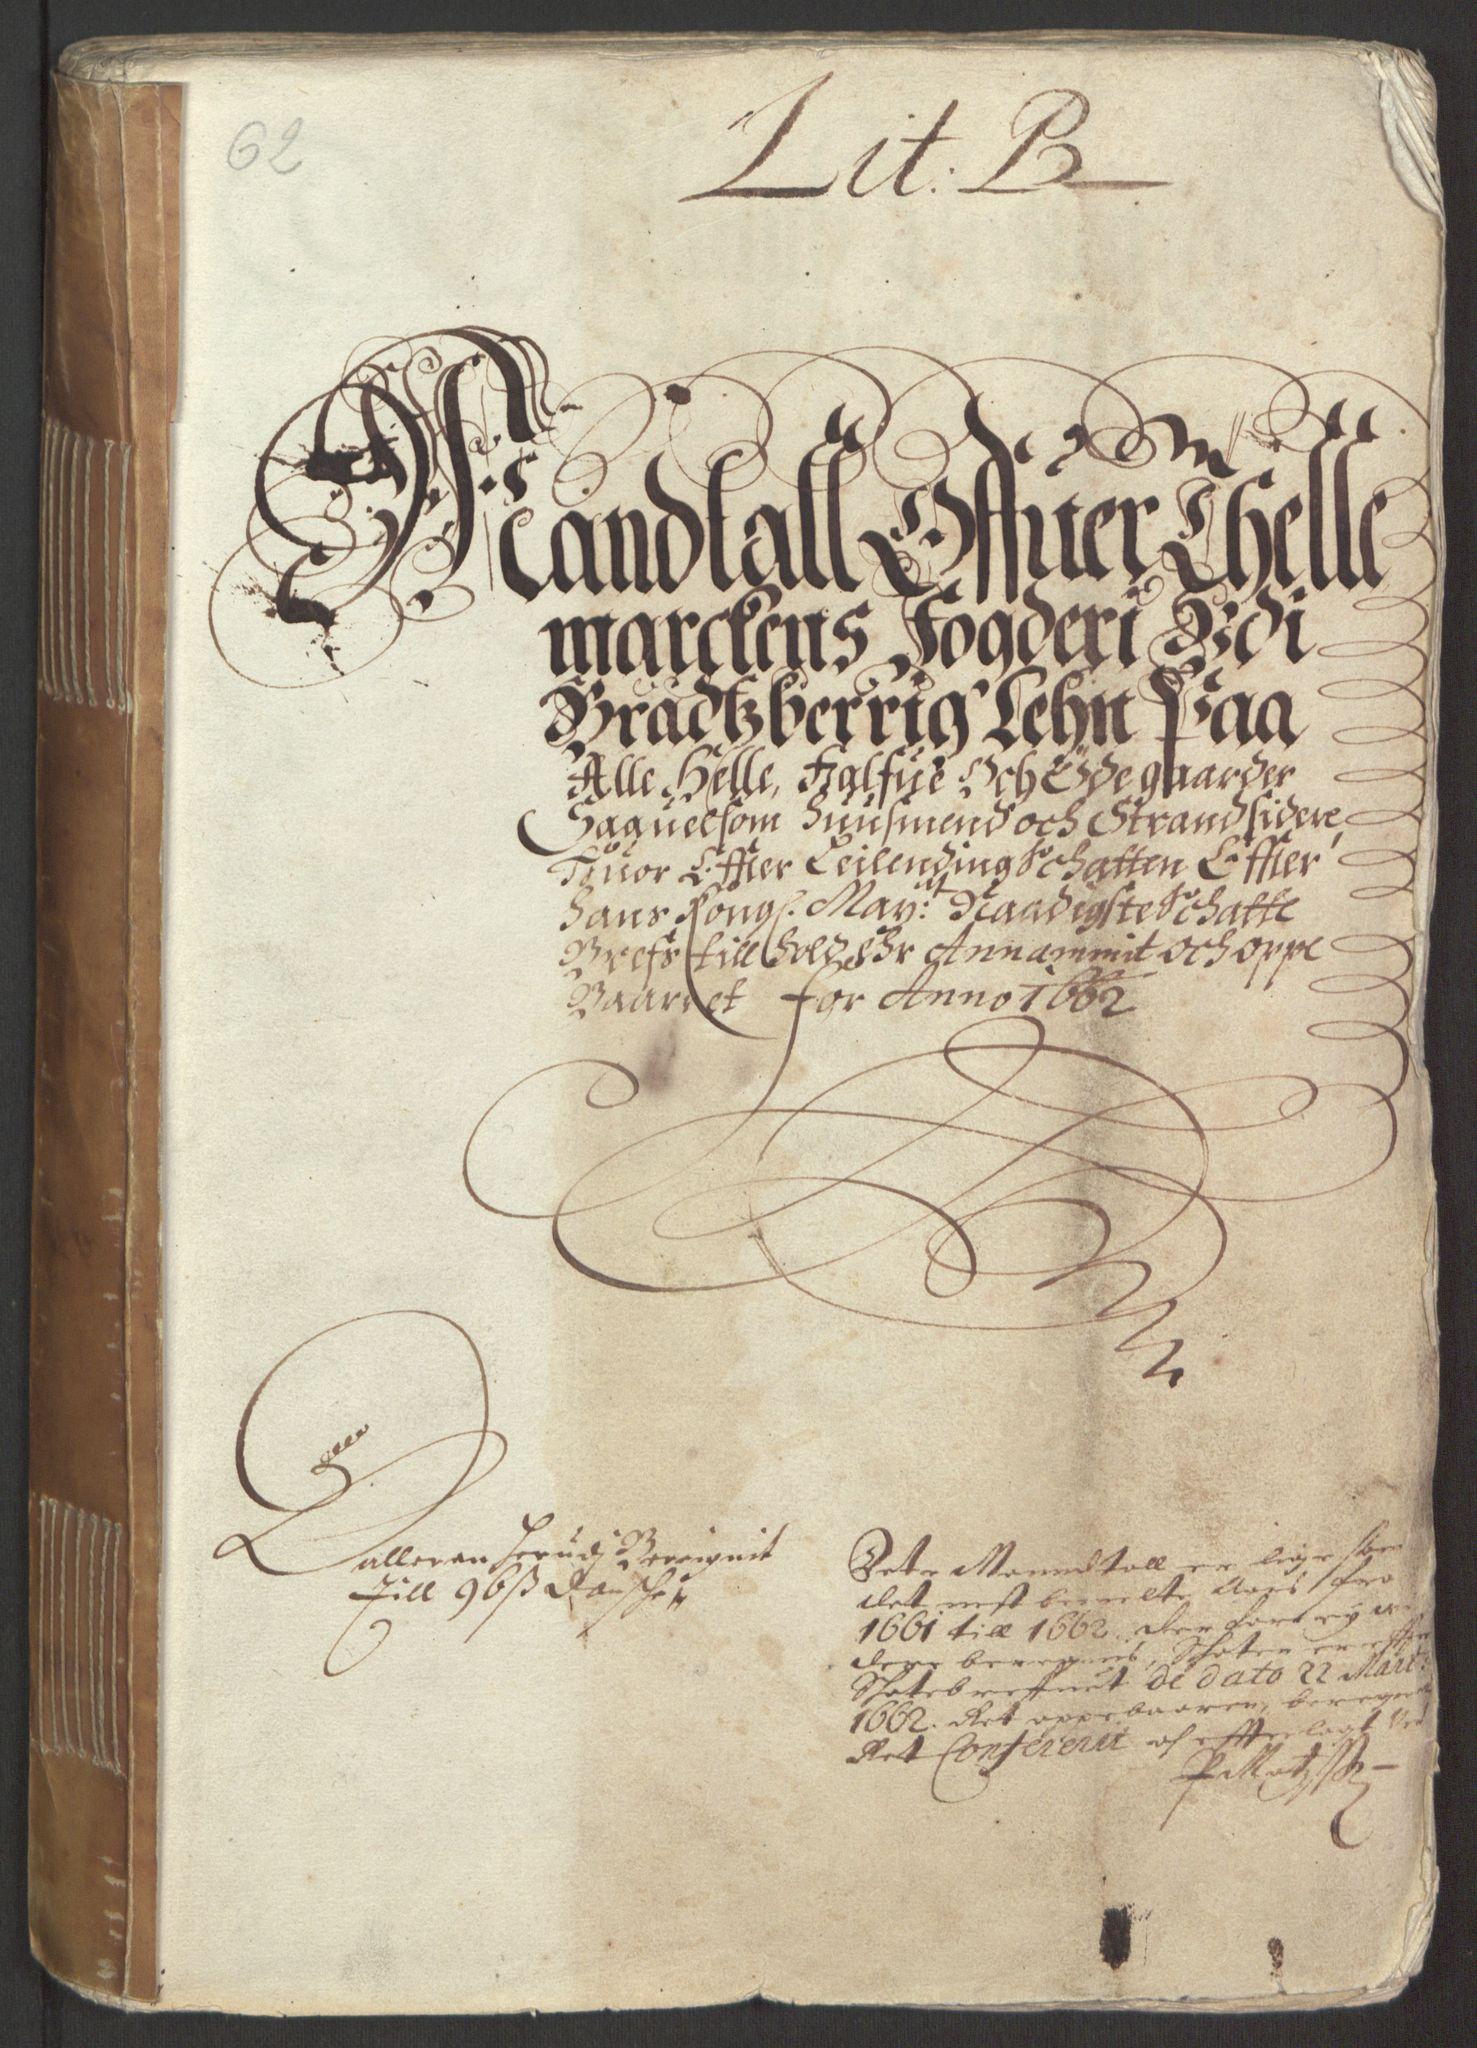 RA, Rentekammeret inntil 1814, Reviderte regnskaper, Fogderegnskap, R35/L2054: Fogderegnskap Øvre og Nedre Telemark, 1662-1663, s. 8